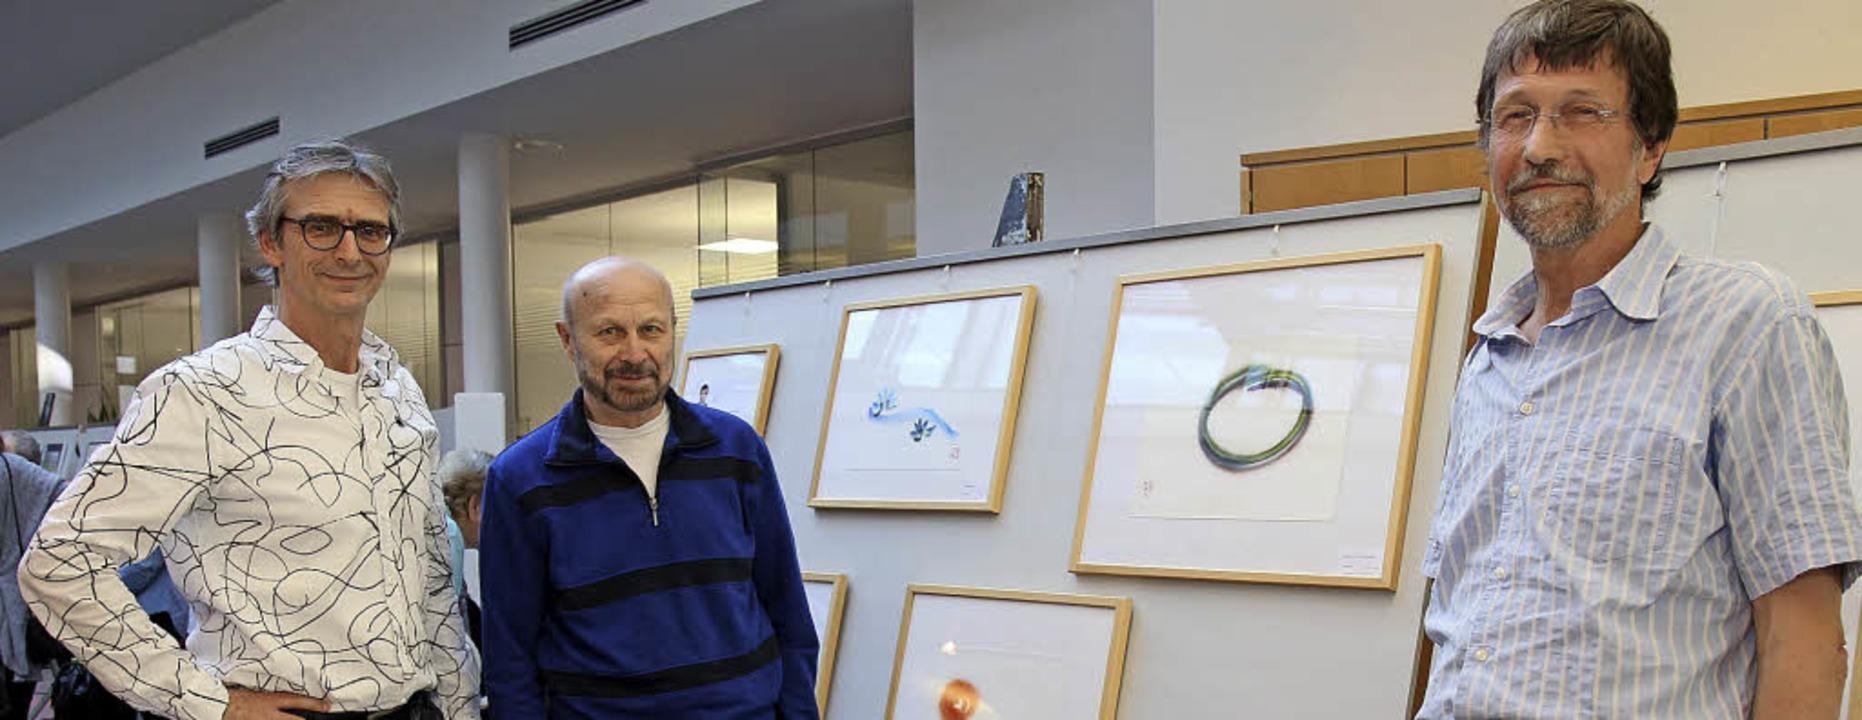 Bei der Eröffnung: Andreas Fervers, Ab...en symbolischen und abstrakten Werken.    Foto: Dagmar Barber